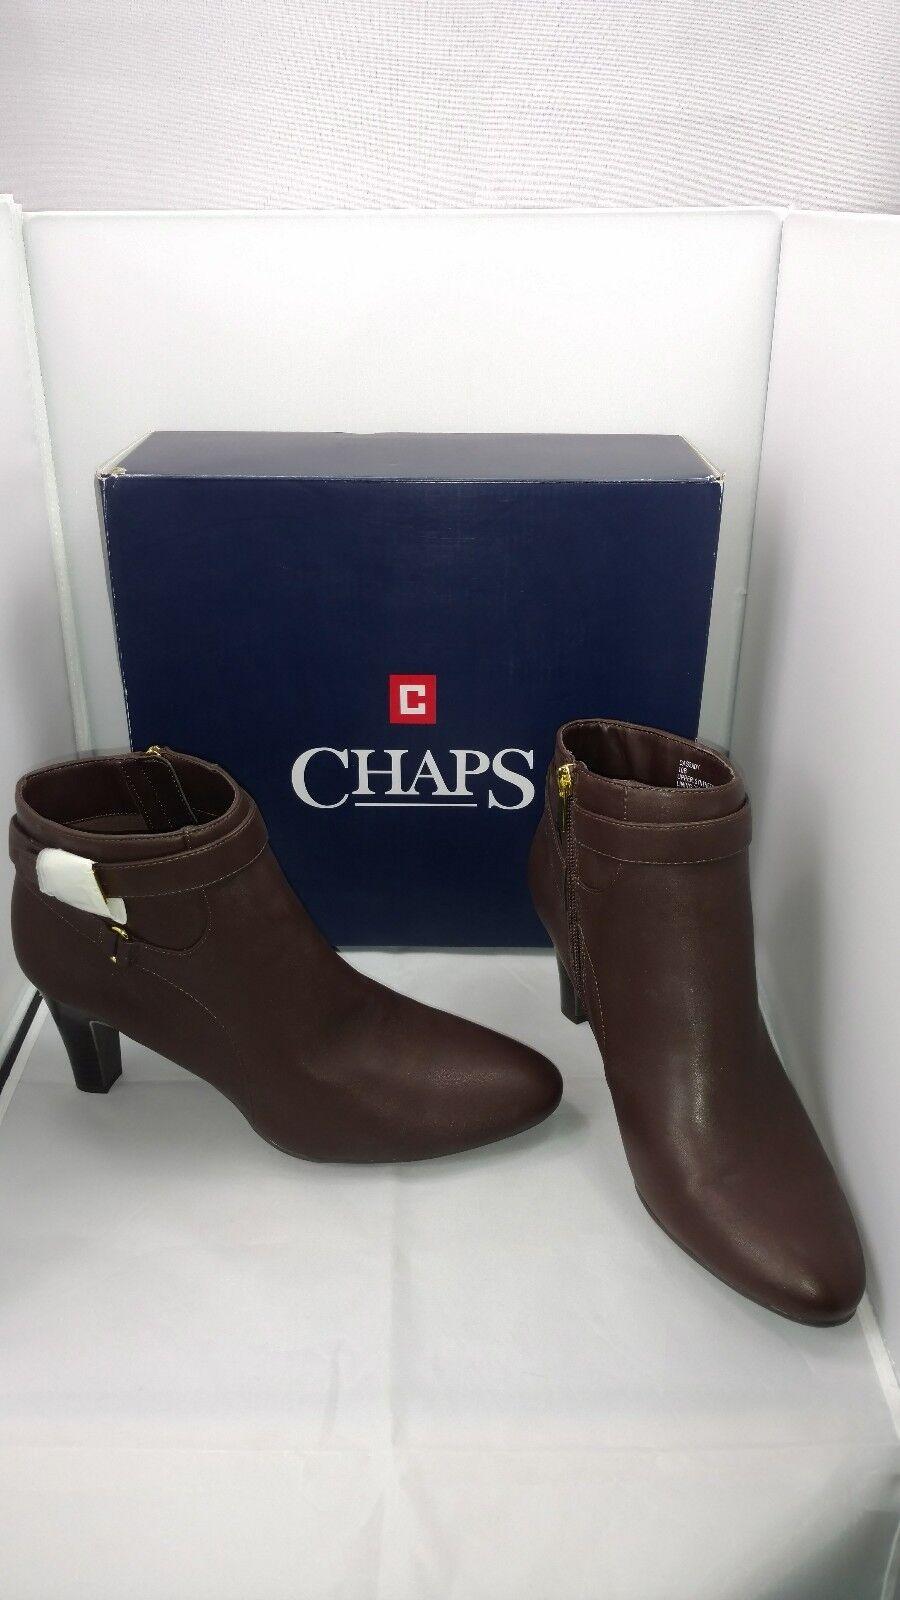 Nueva con caja Chaps les marrón marrón marrón botas al Tobillo Cremallera  Sintético para Mujer Zapatos 568a7144bf03